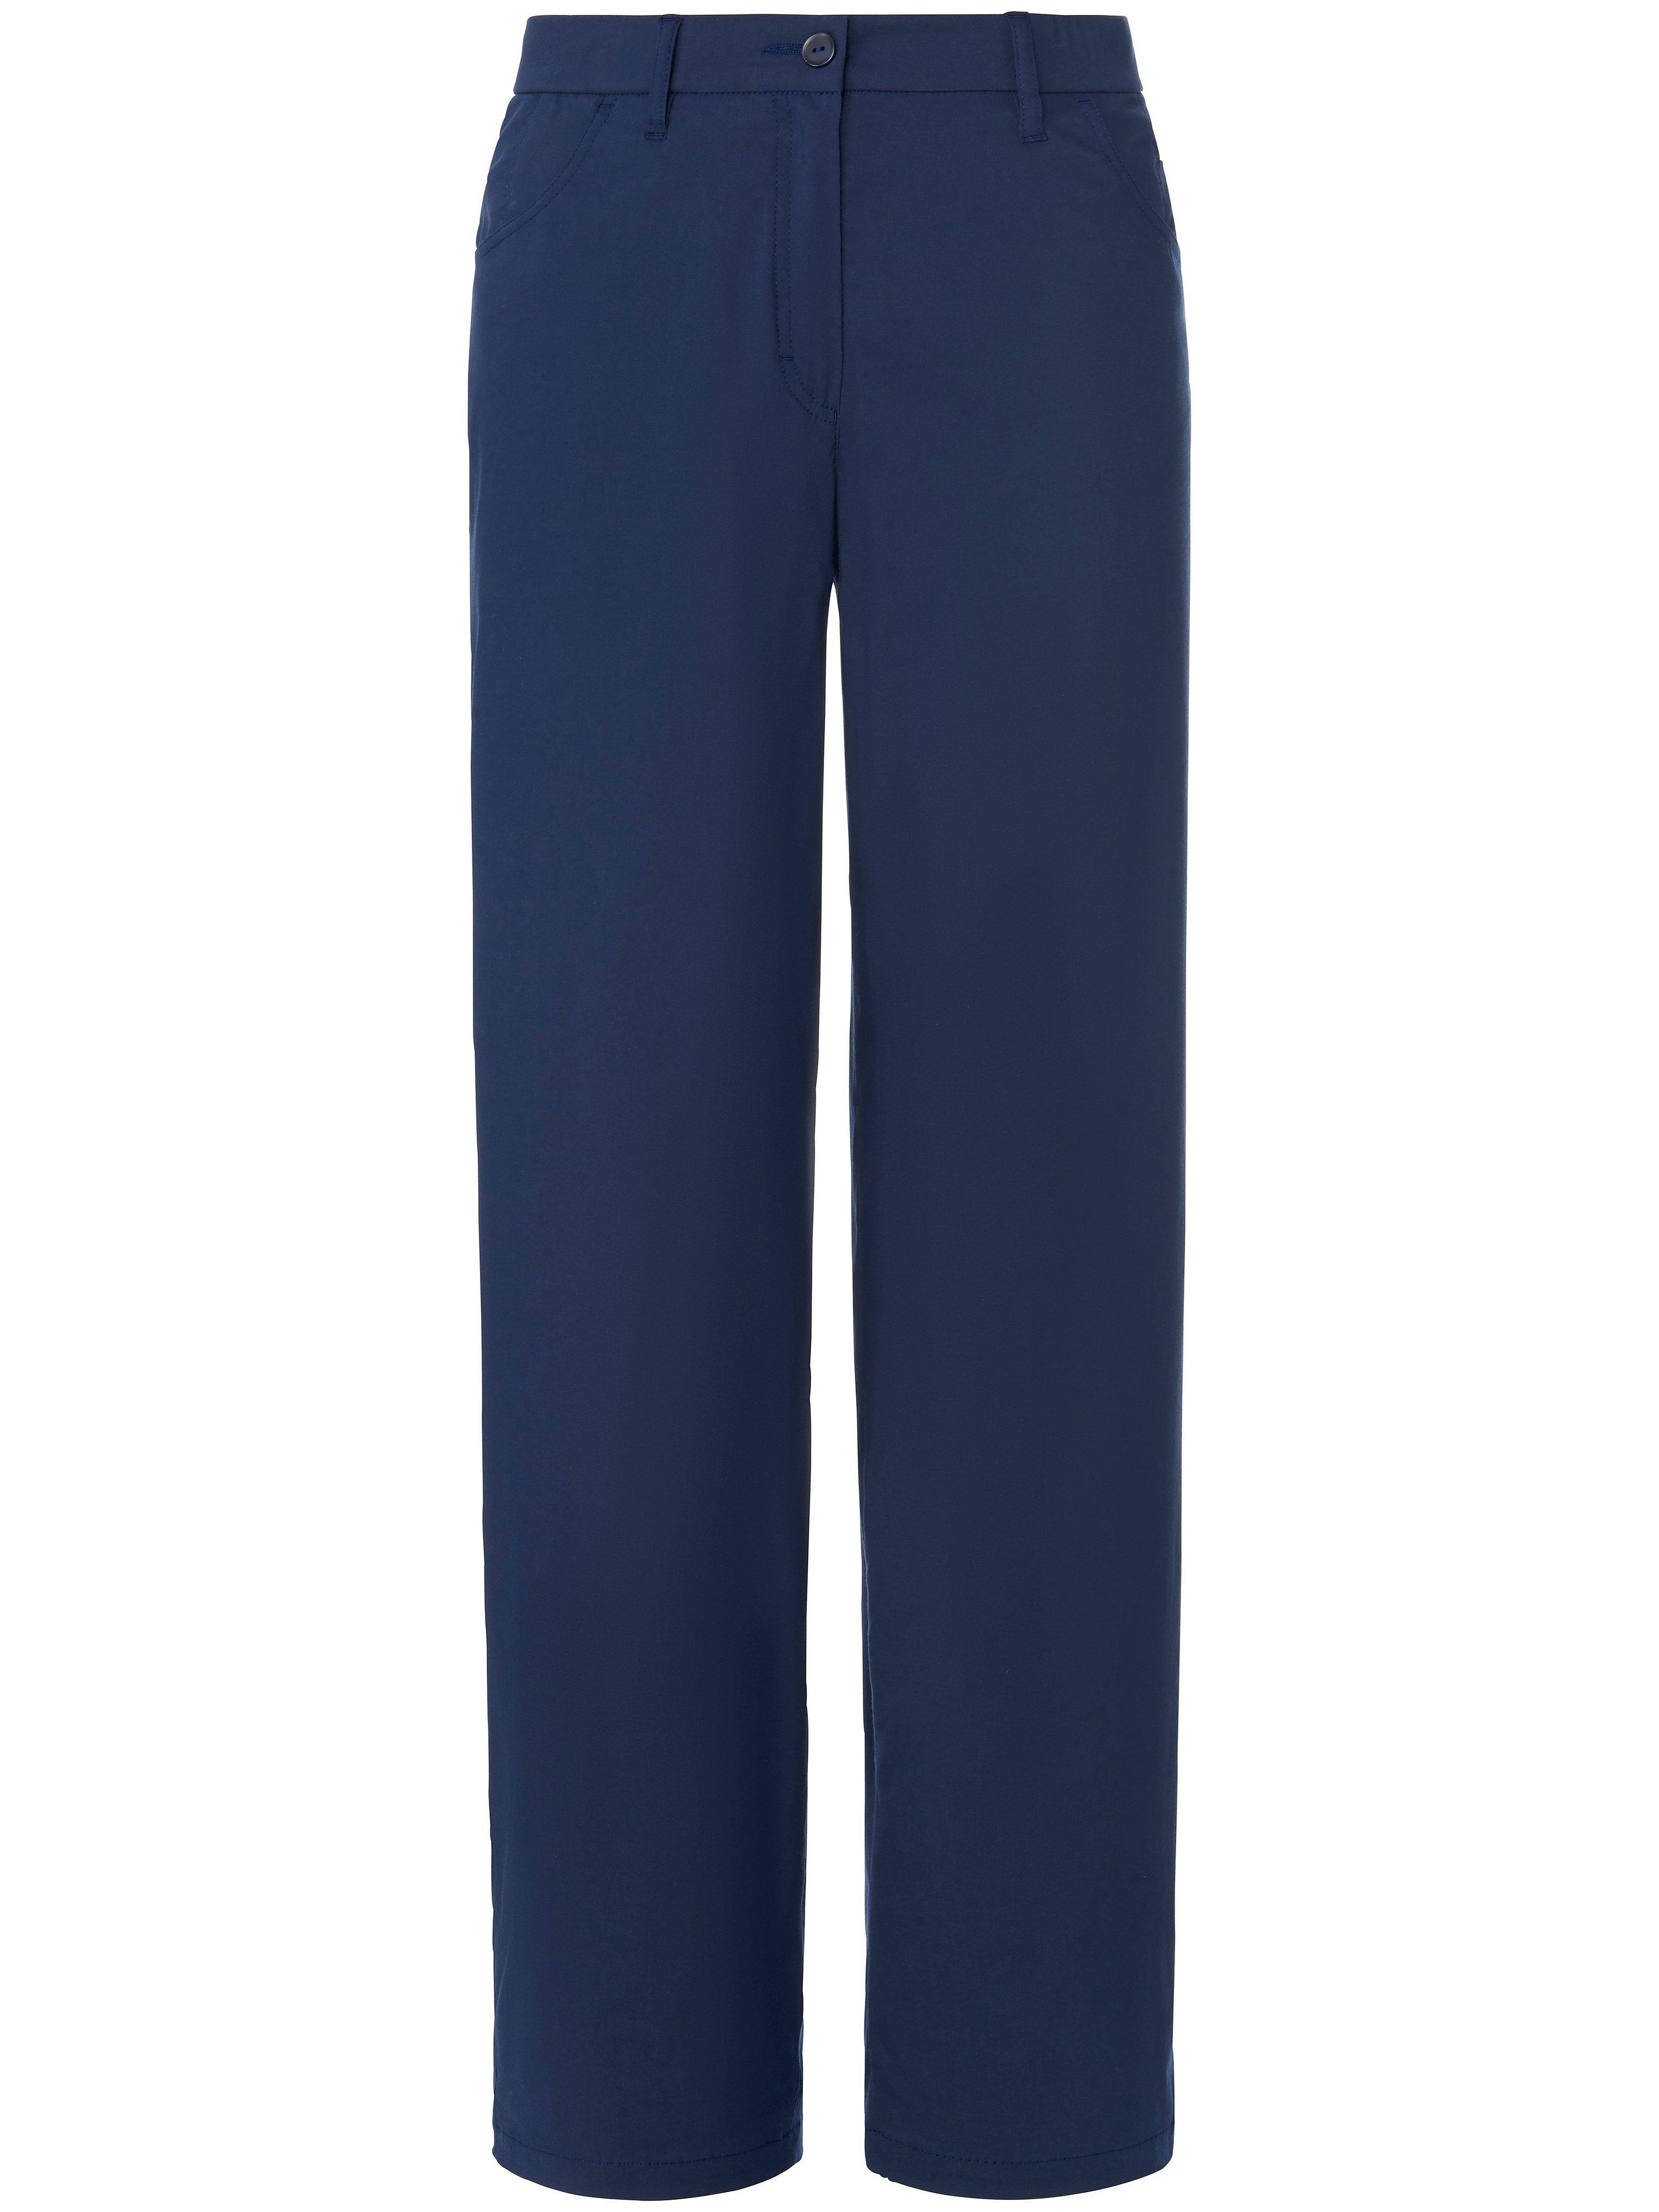 Broek model Babsie normale taillehoogte Van KjBrand blauw